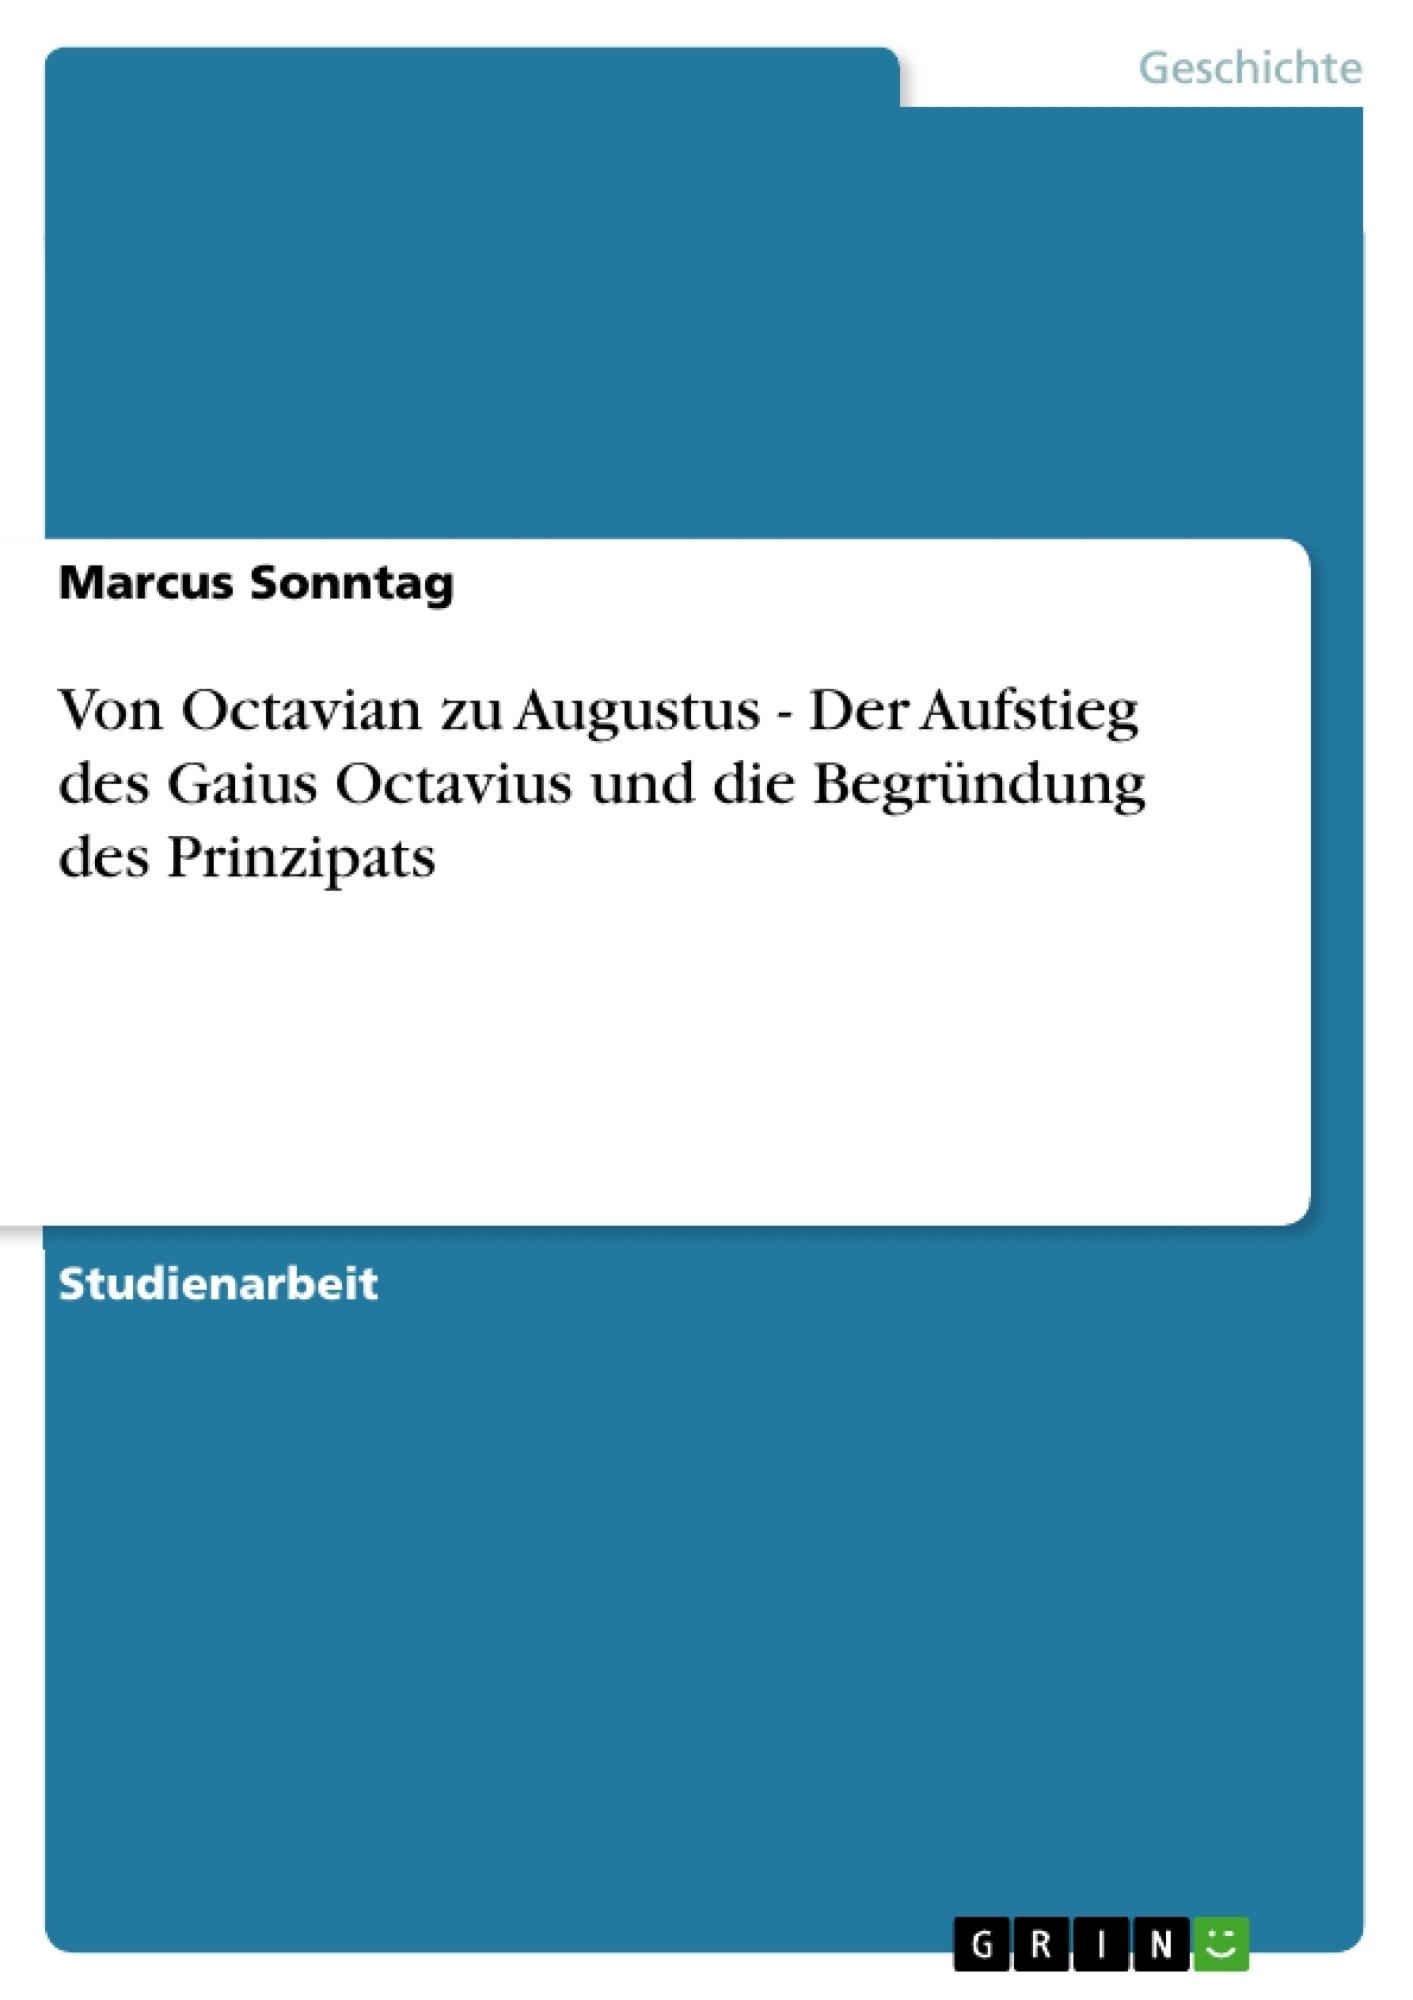 Titel: Von Octavian zu Augustus - Der Aufstieg des Gaius Octavius und die Begründung des Prinzipats